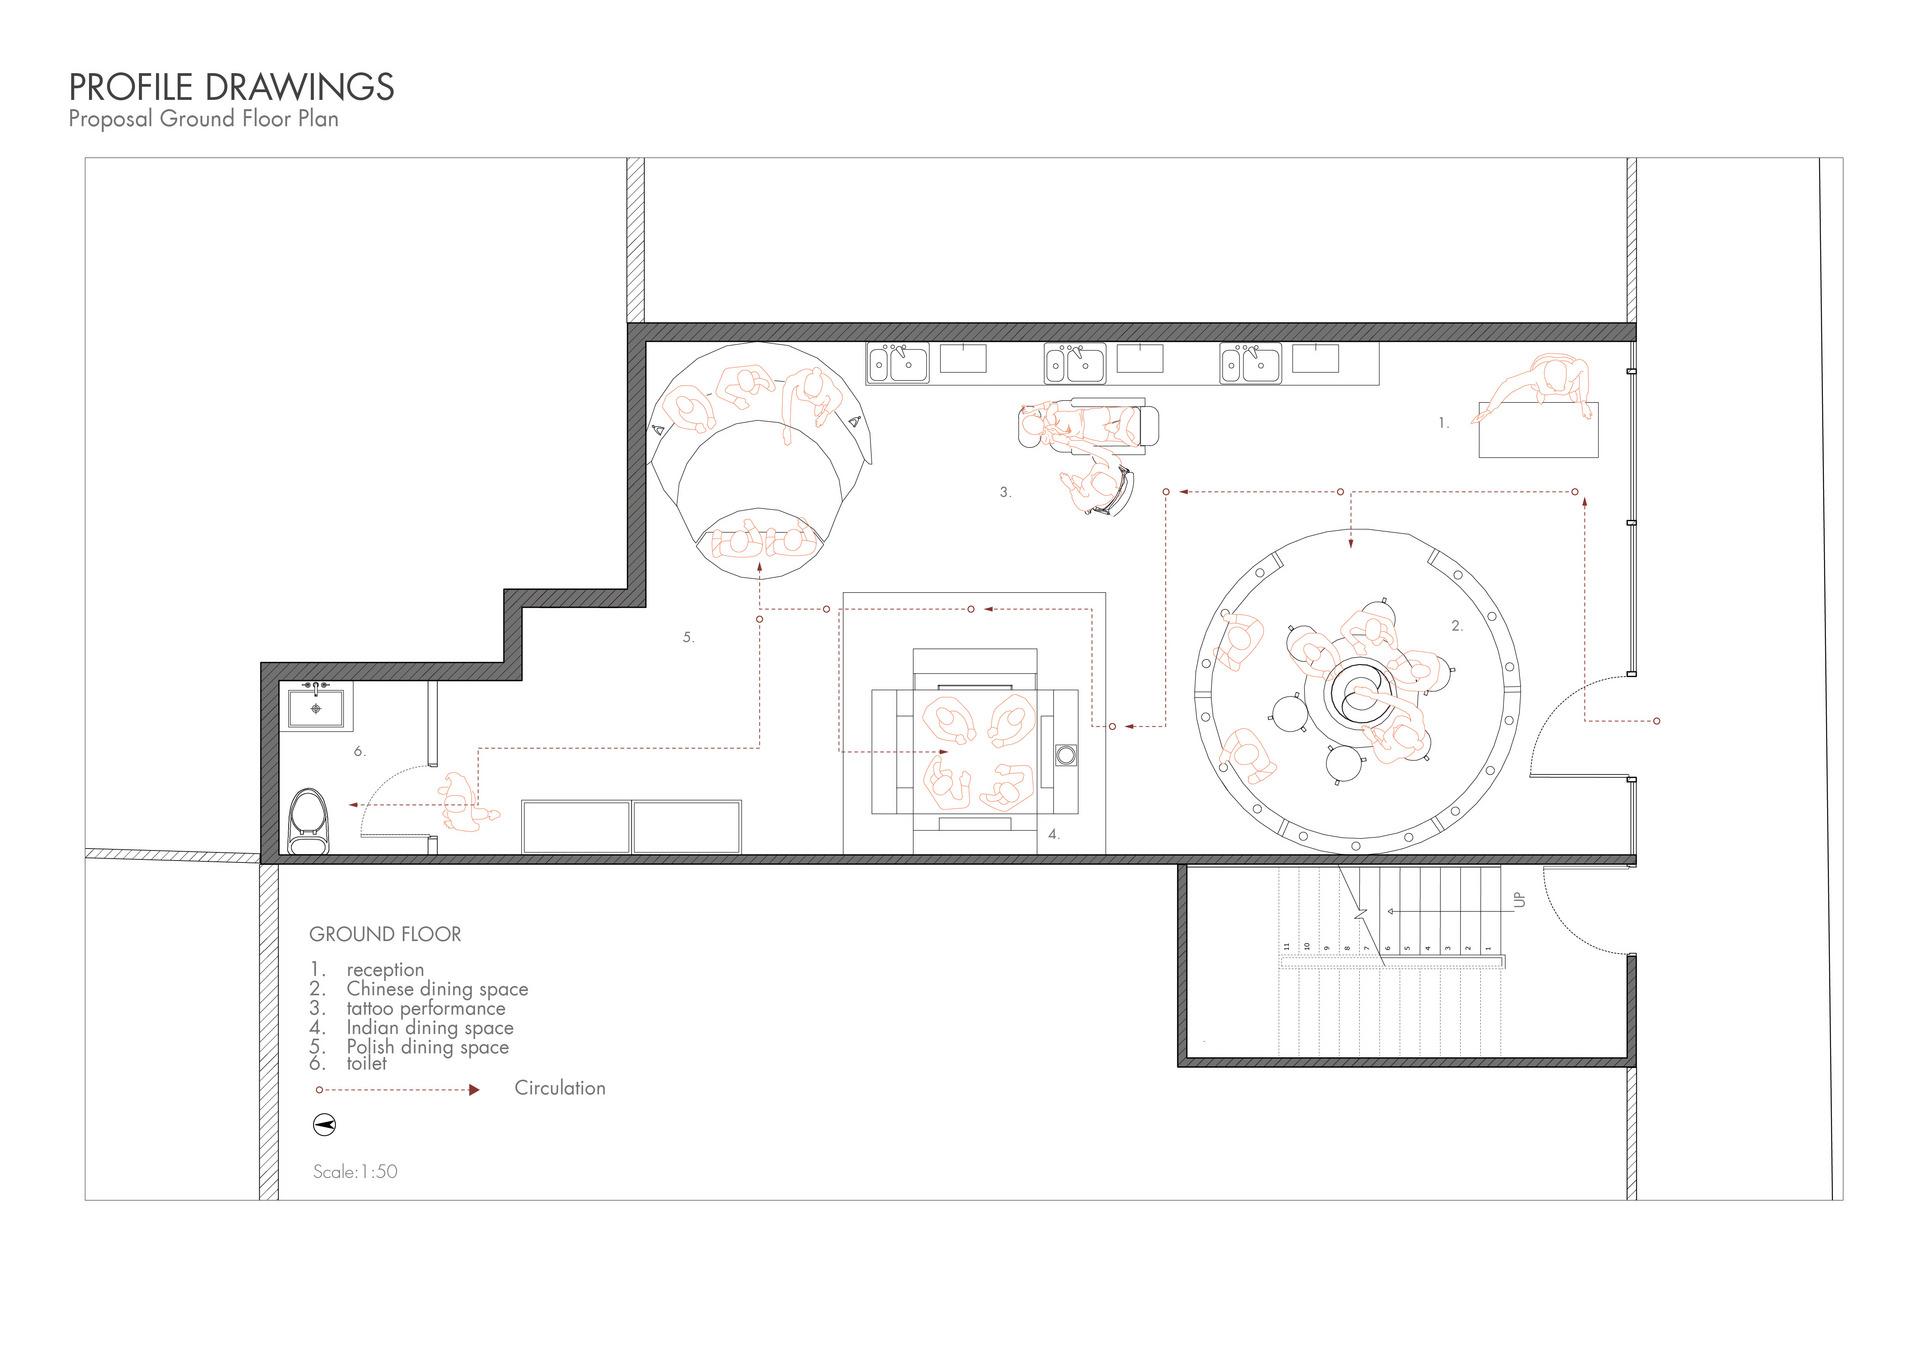 Proposal Ground Floor Plan